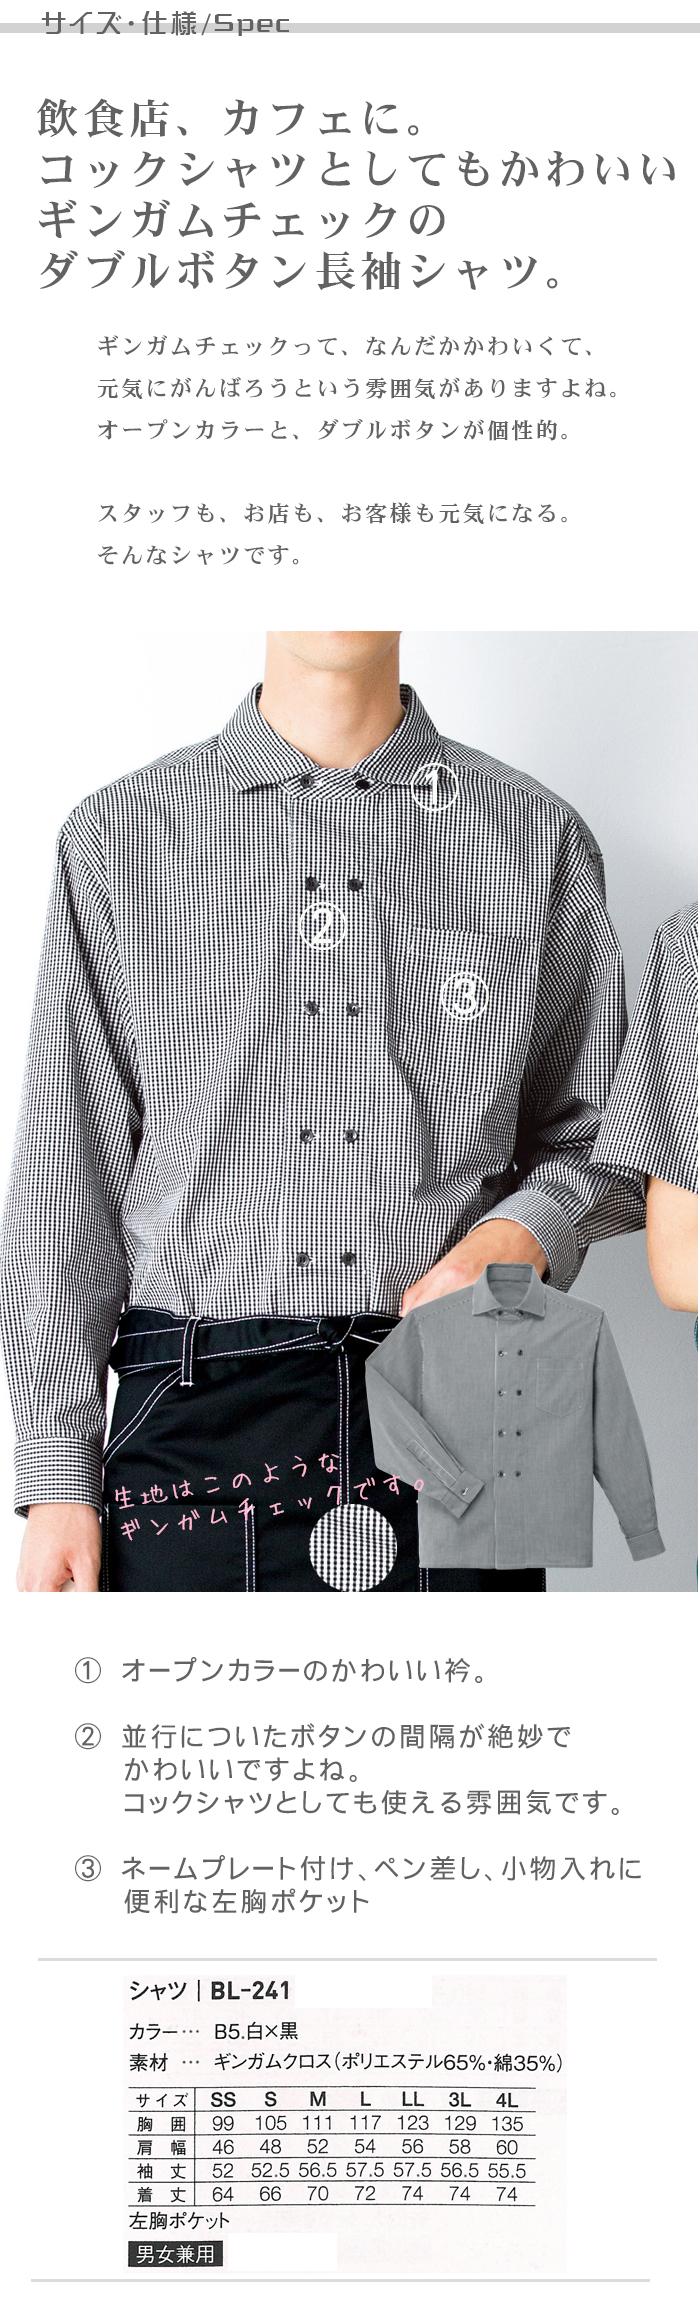 飲食店販売制服 ギンガムチェック長袖シャツ(白×黒) コックシャツ風ダブルボタン   商品サイズ、スペック説明